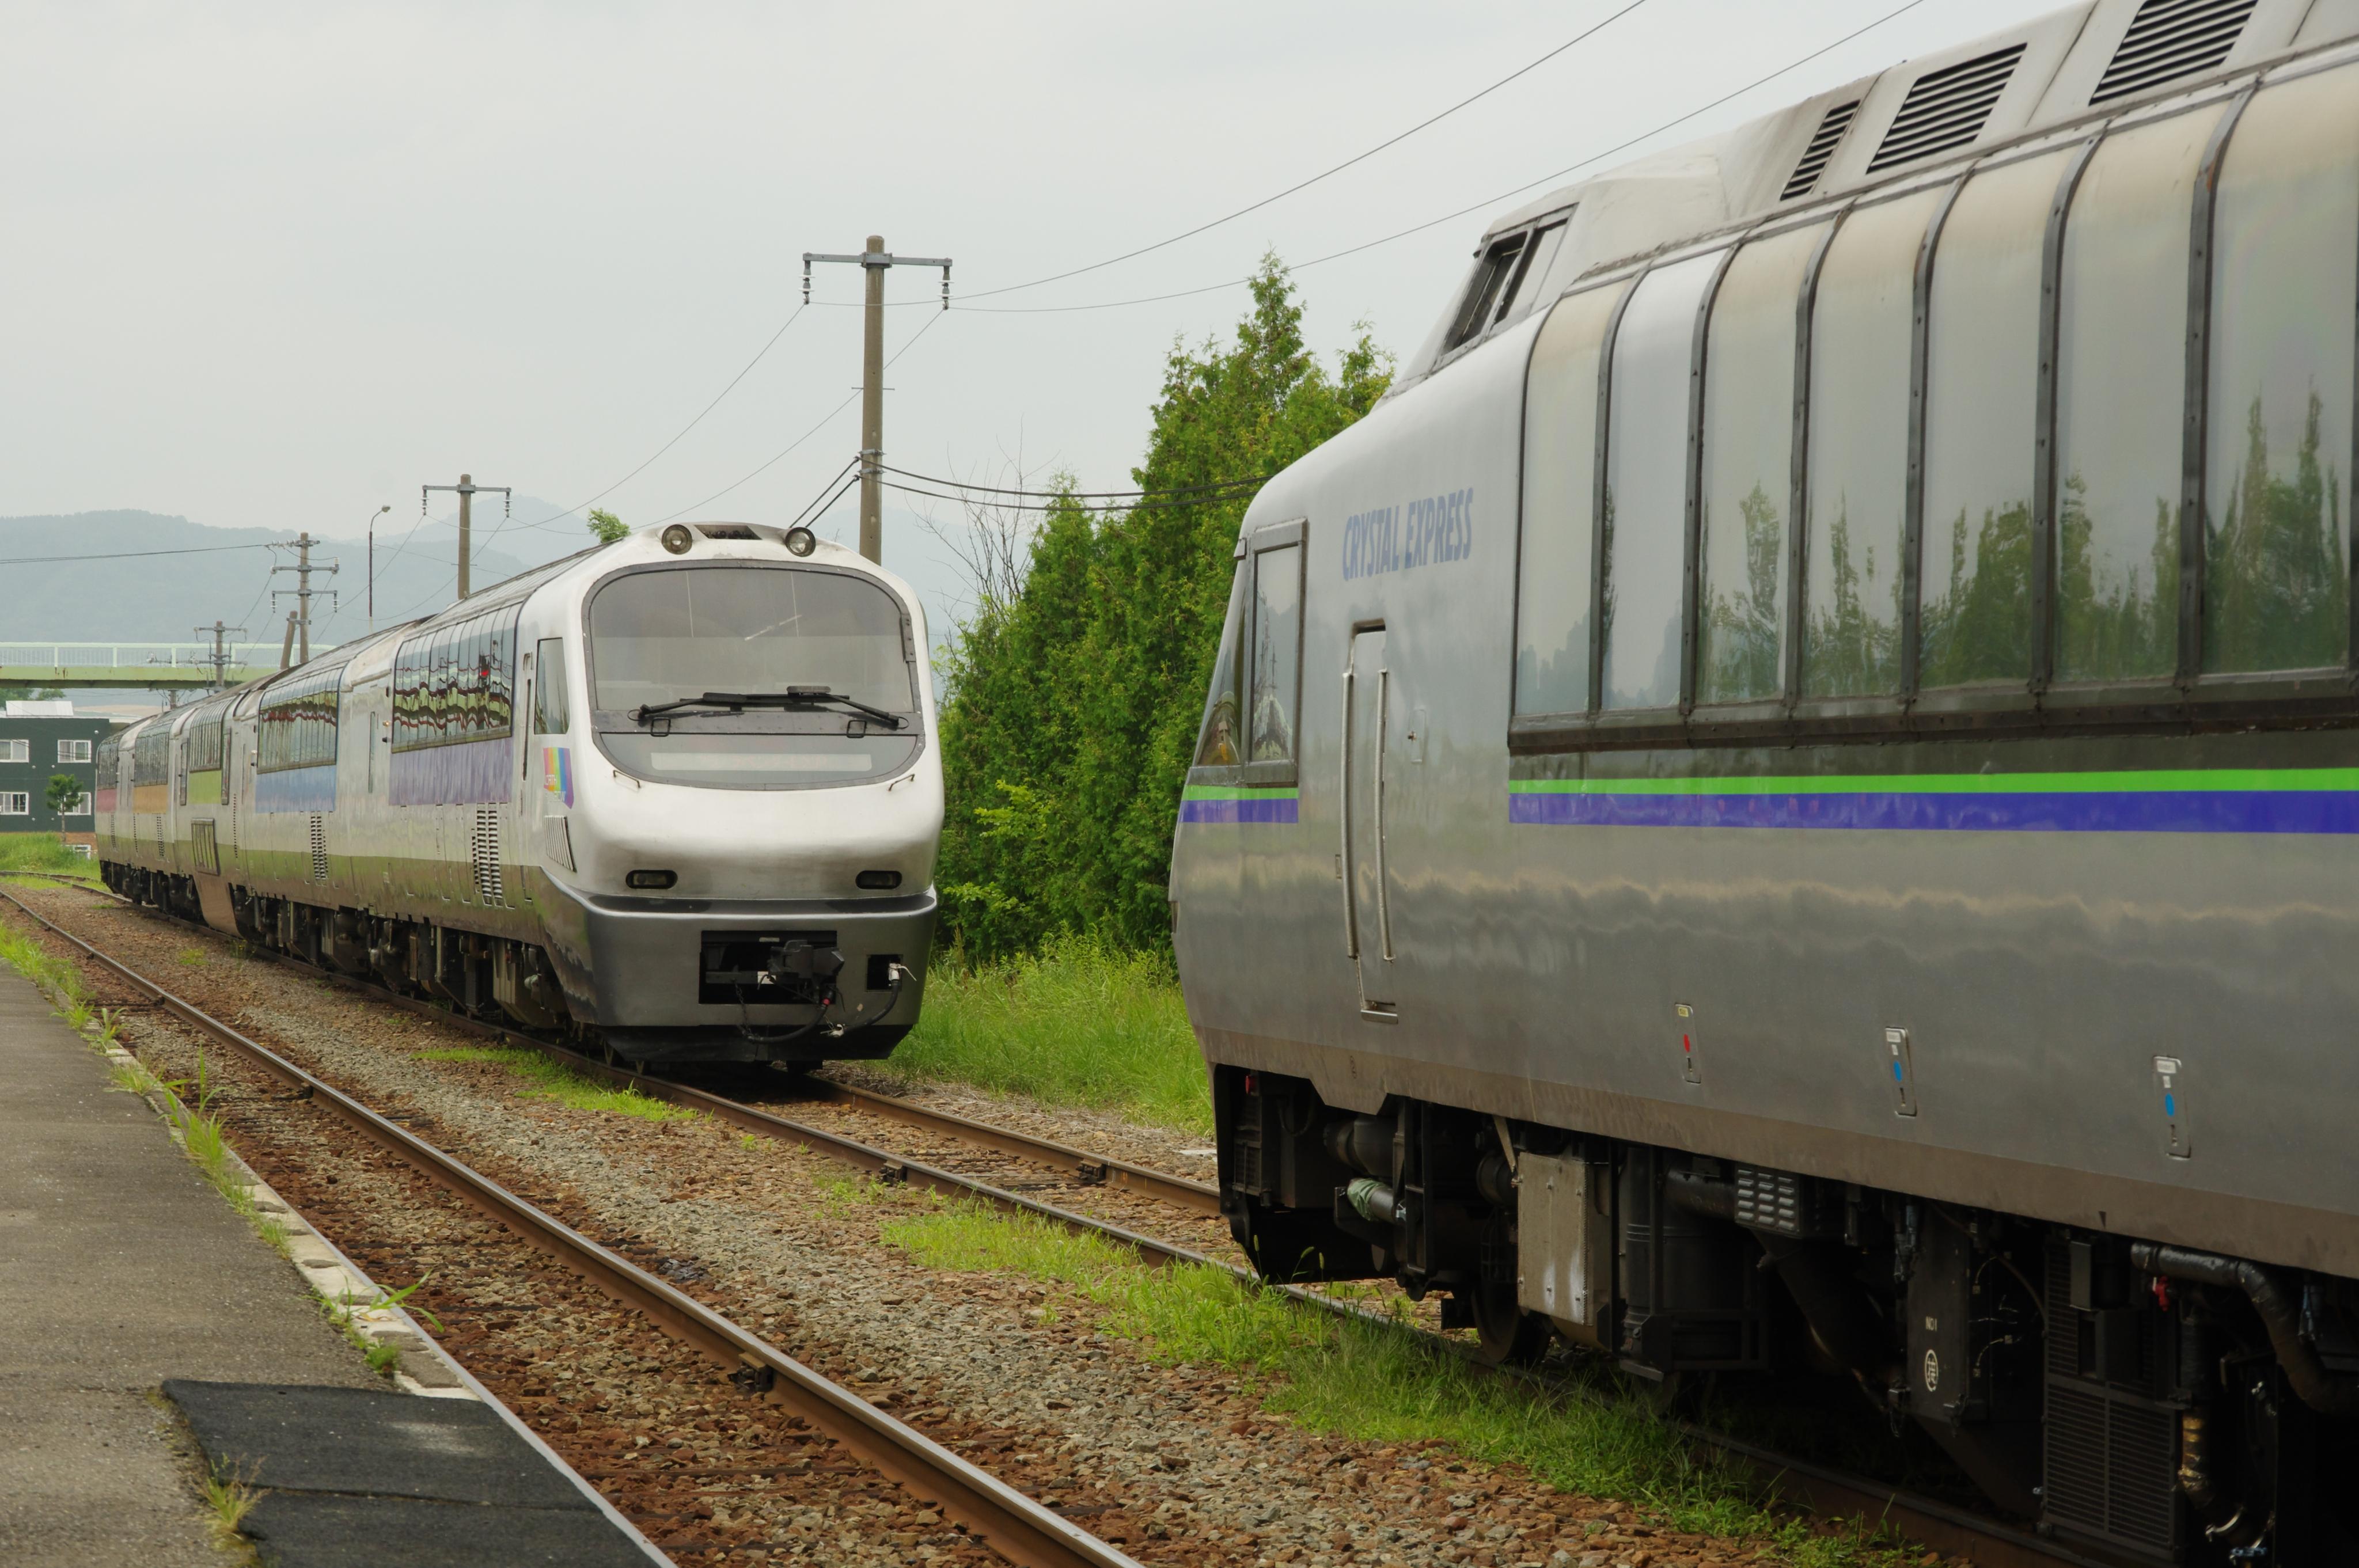 富良野駅 ノースレインボーエクスプレス&クリスタルエクスプレス_180721.jpg